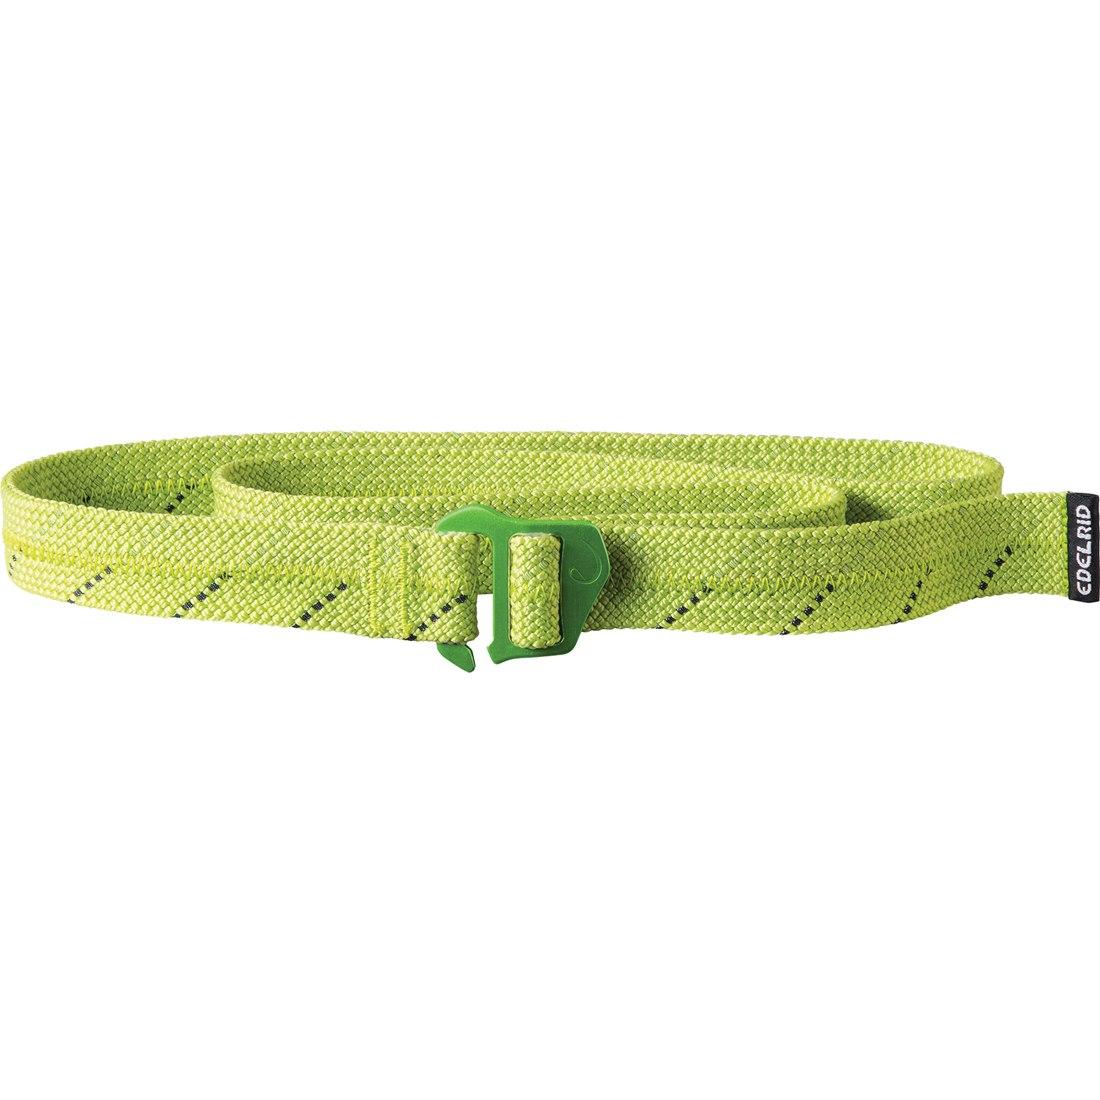 Edelrid Rope Belt - assorted